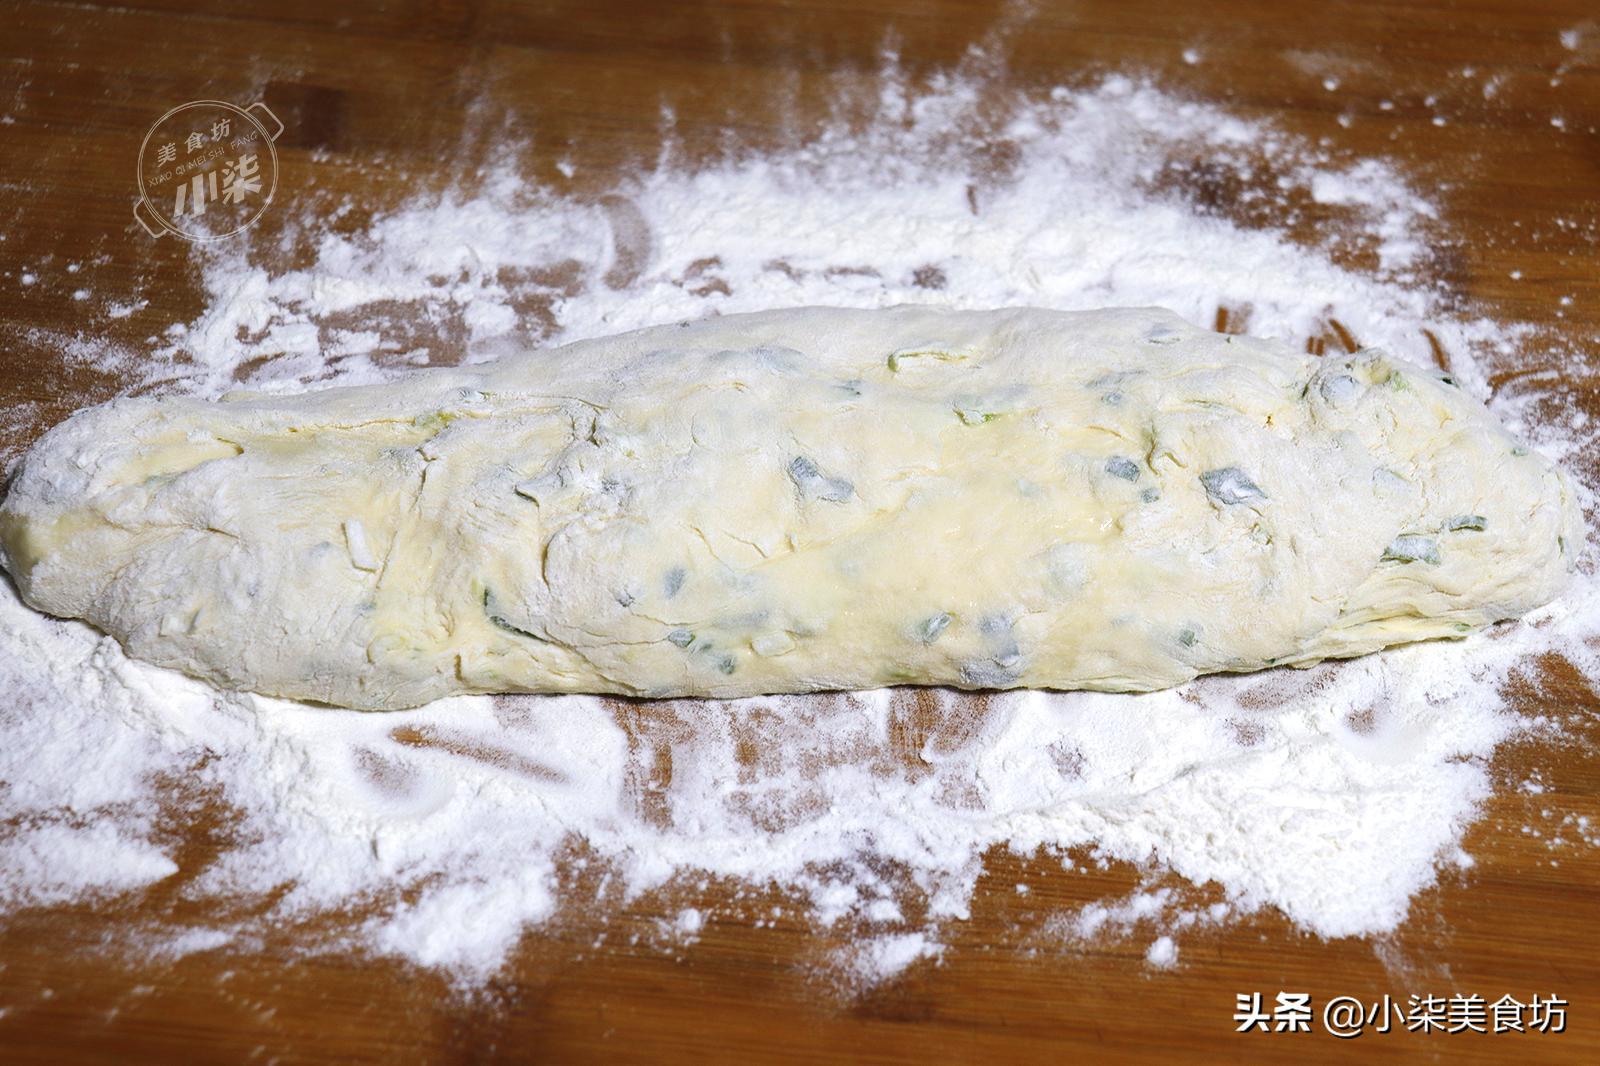 這餅我一周做2回,筷子一攪,外酥裡軟,大人孩子搶著吃,太香了